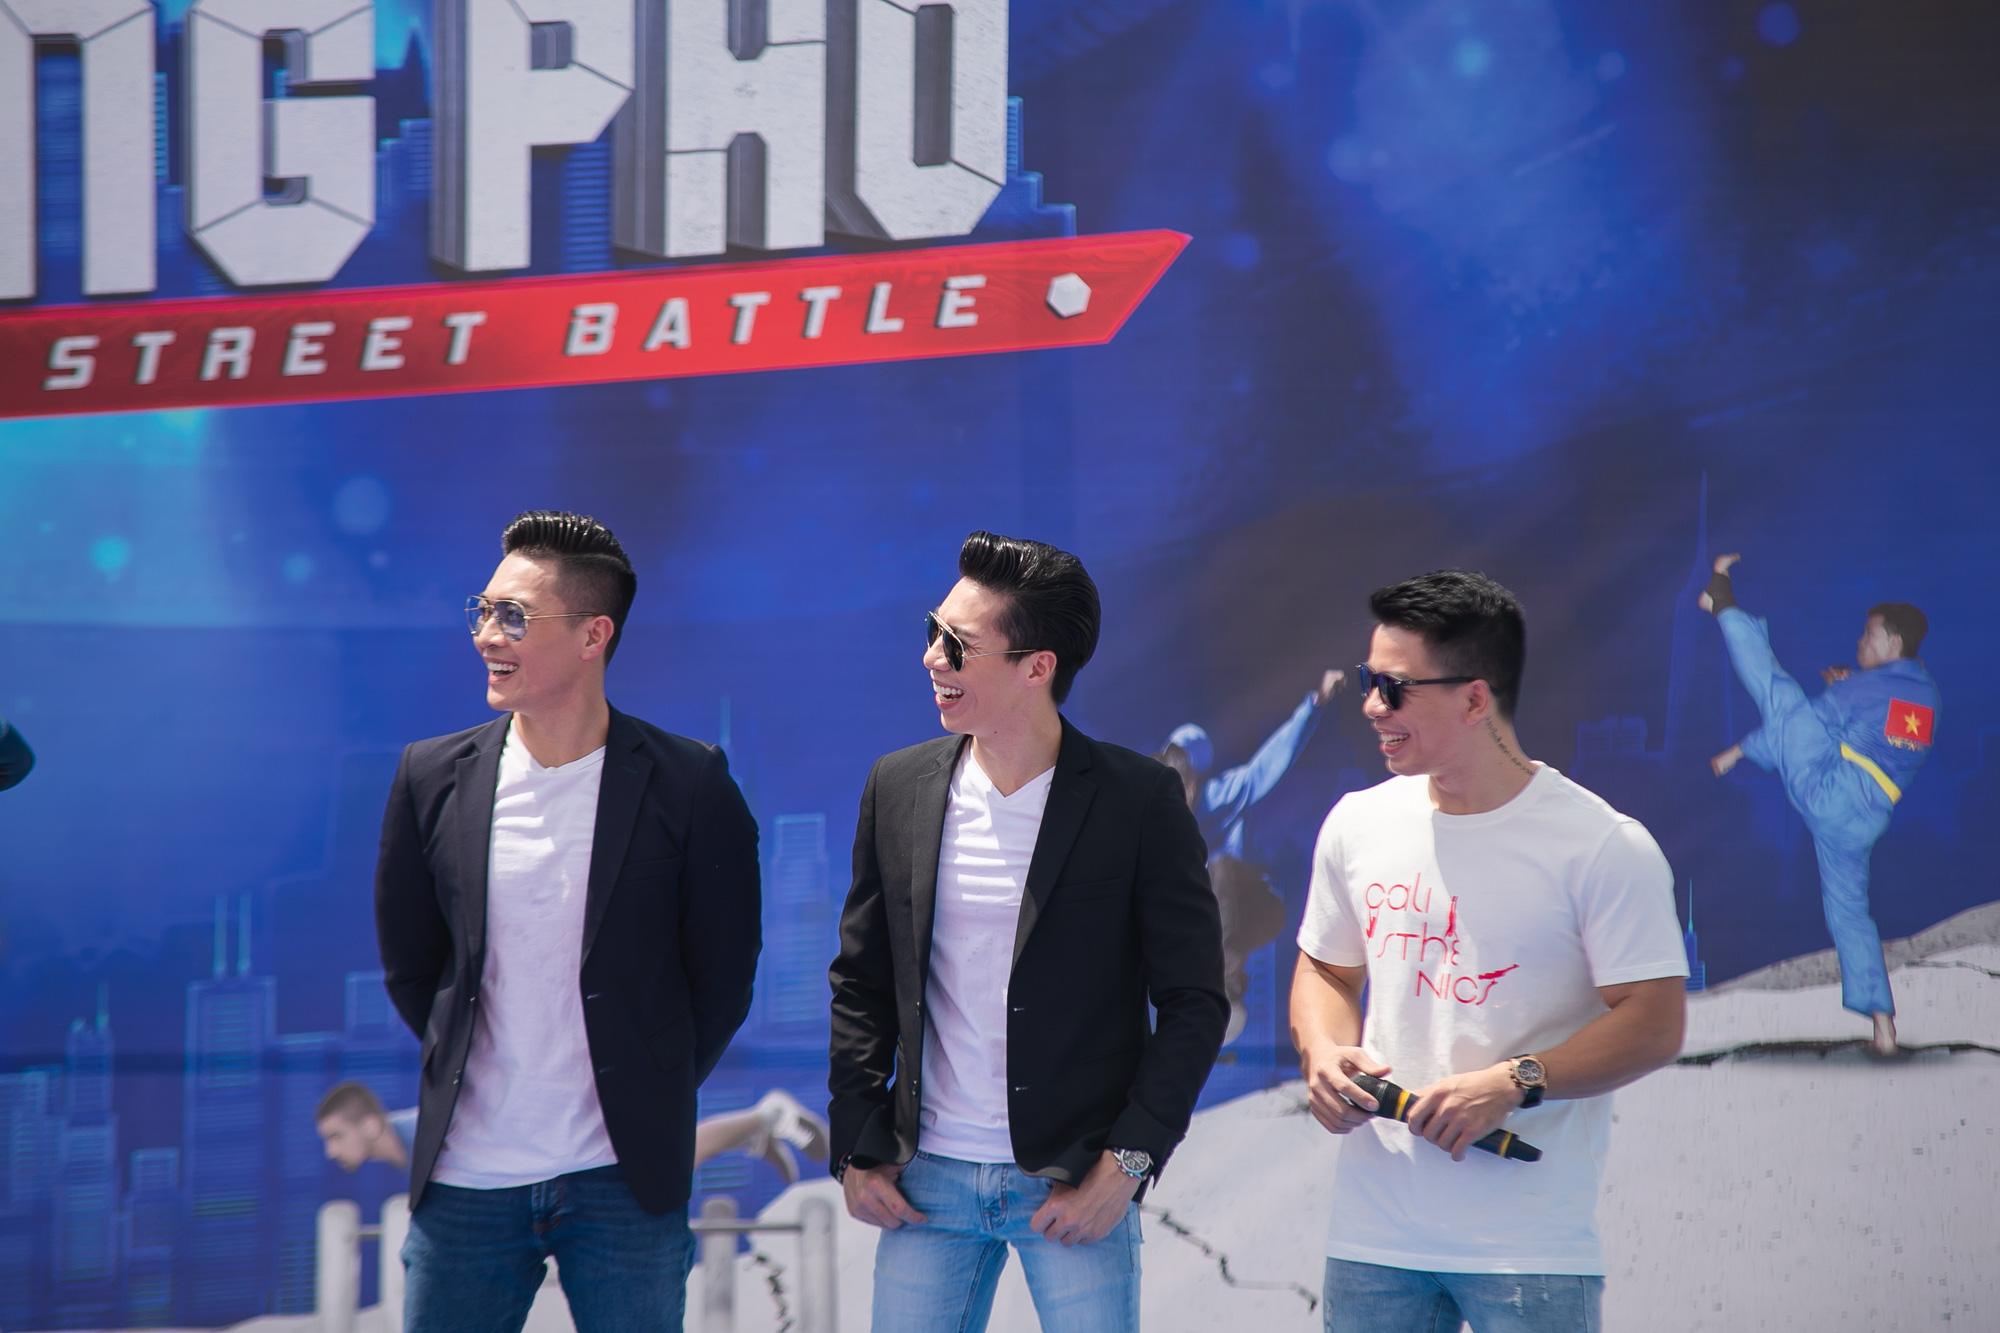 Quốc Cơ - Quốc Nghiệp lần đầu làm giám khảo, đặt mọi kì vọng vào tương lai của xiếc Việt  - Ảnh 1.